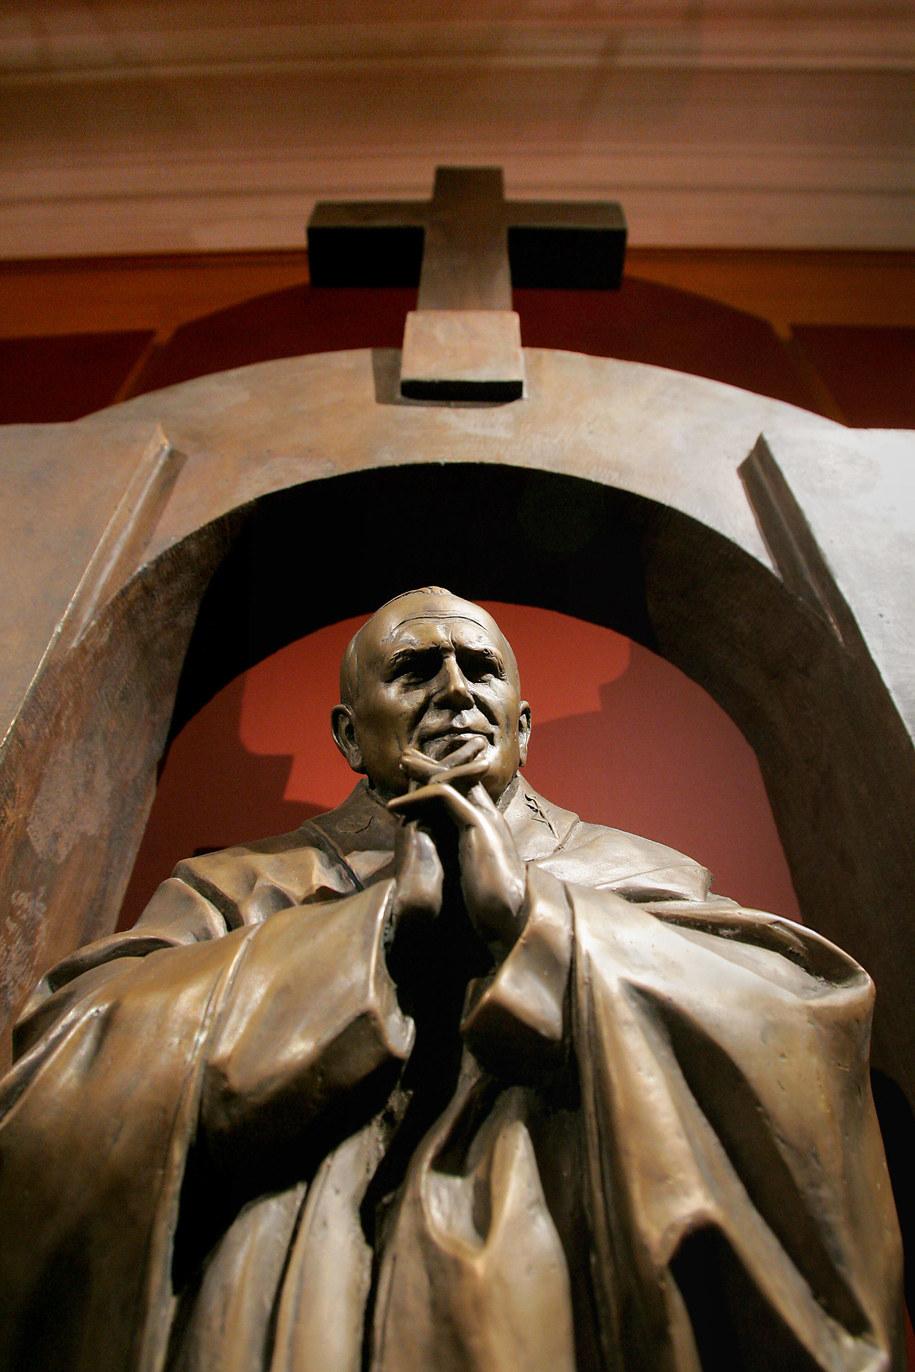 Autorem pomnika jest pochodzący z Gruzji rosyjski rzeźbiarz. Na zdjęciach z 2006 roku model, pokazywany w galerii artysty w Moskwie / Belousov Vitaly /PAP/EPA